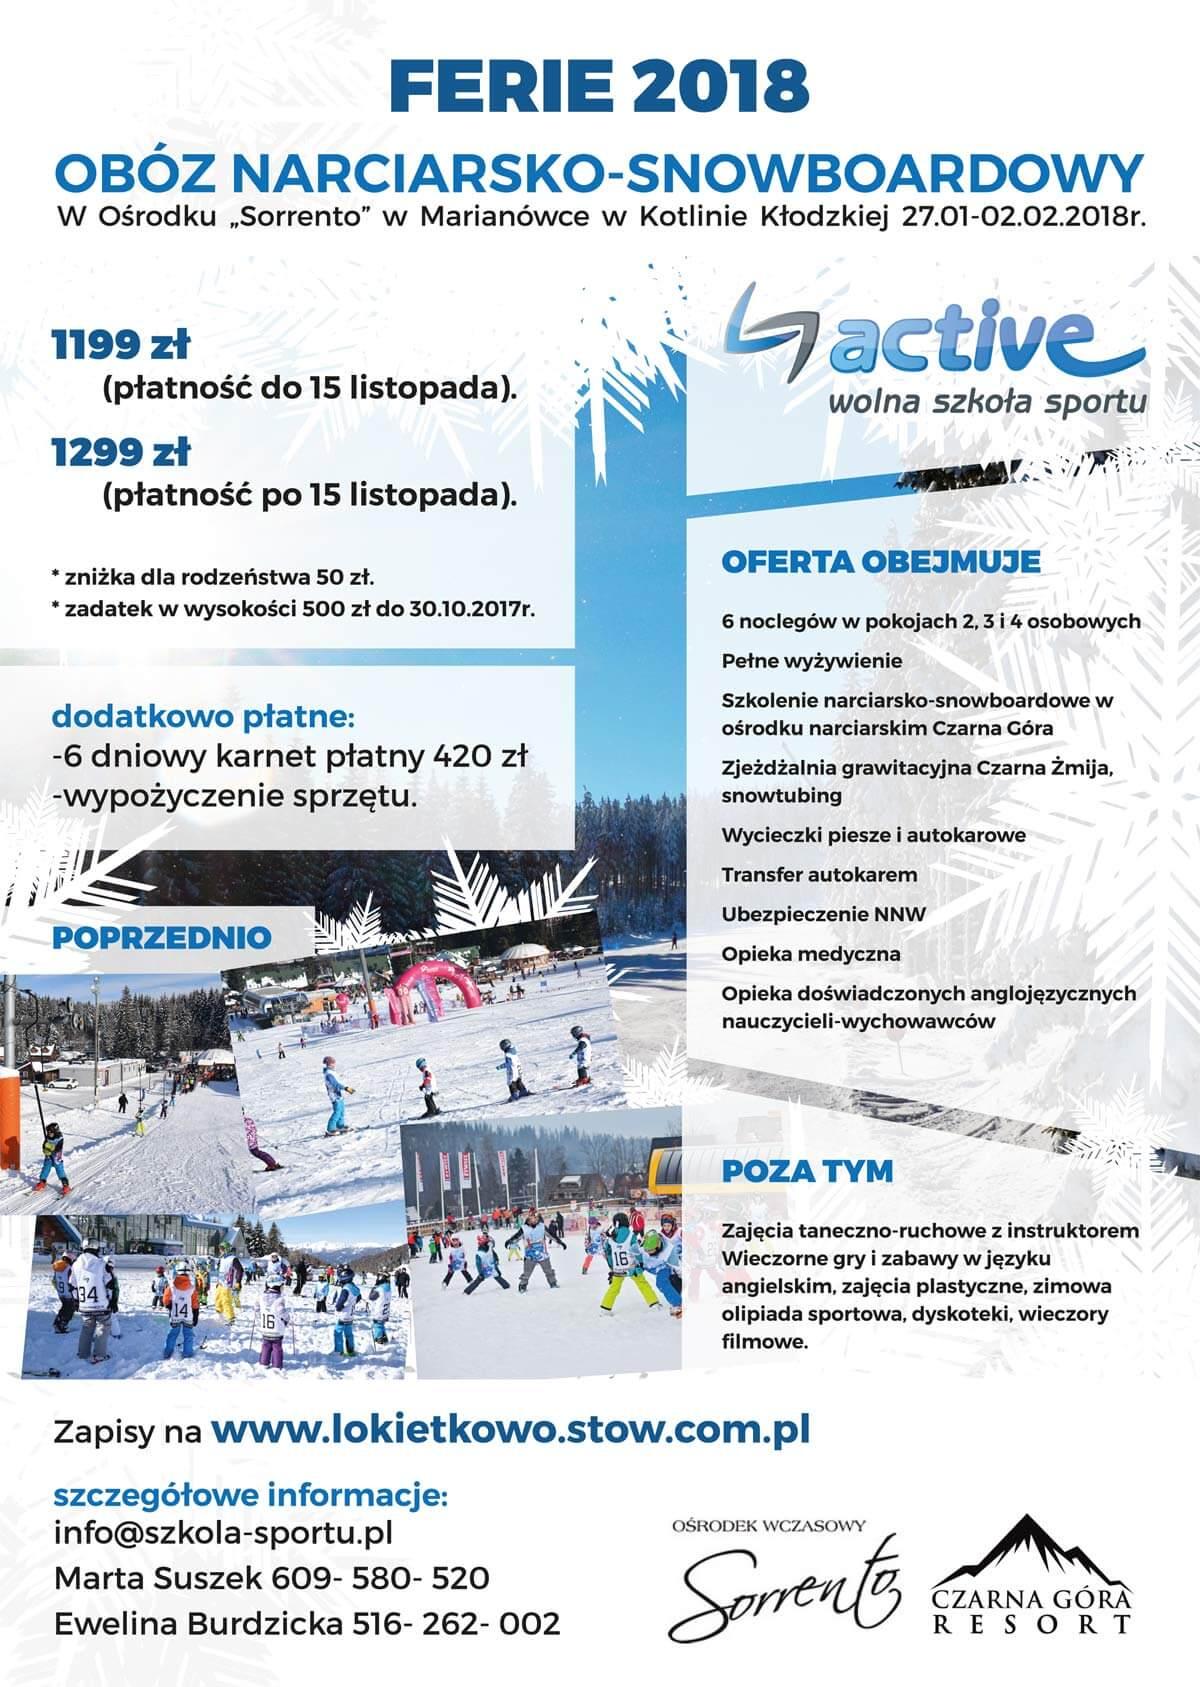 Ferie 2018 Obóz Narciarsko-Snowboardowy